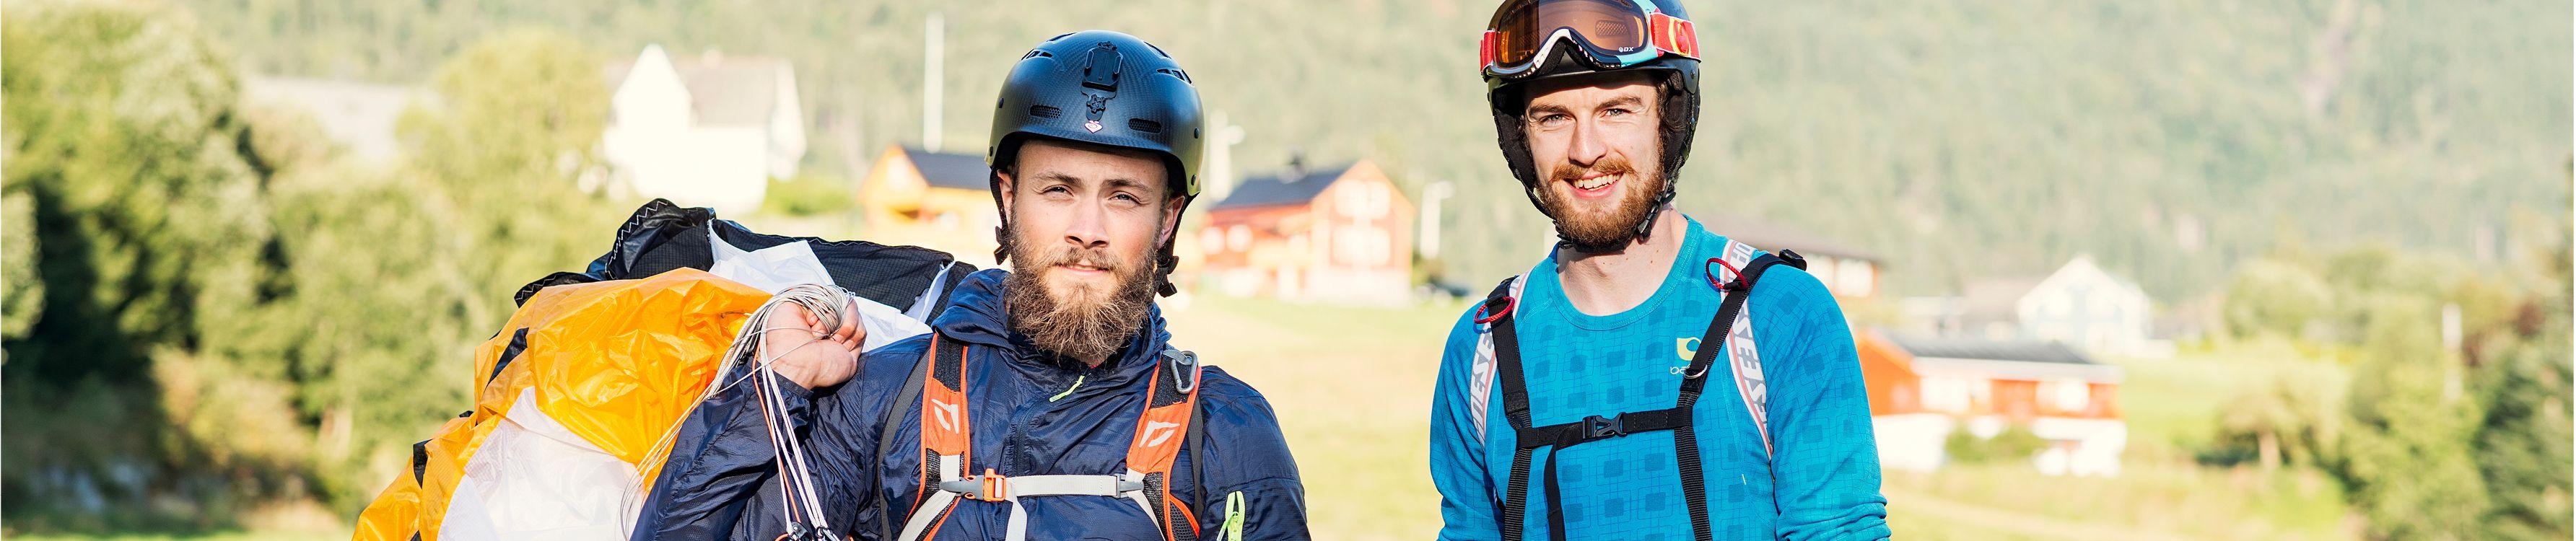 Illustrasjonsbilde: To menn med fallskjerm